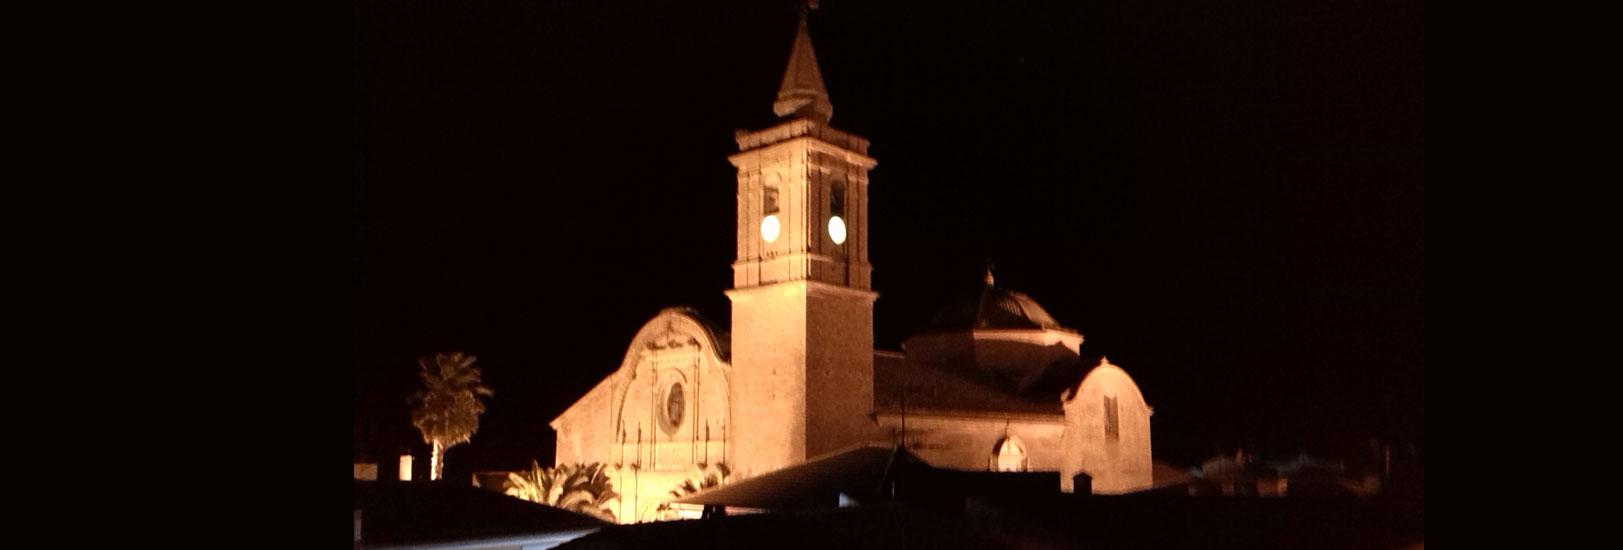 iglesia_alosno4